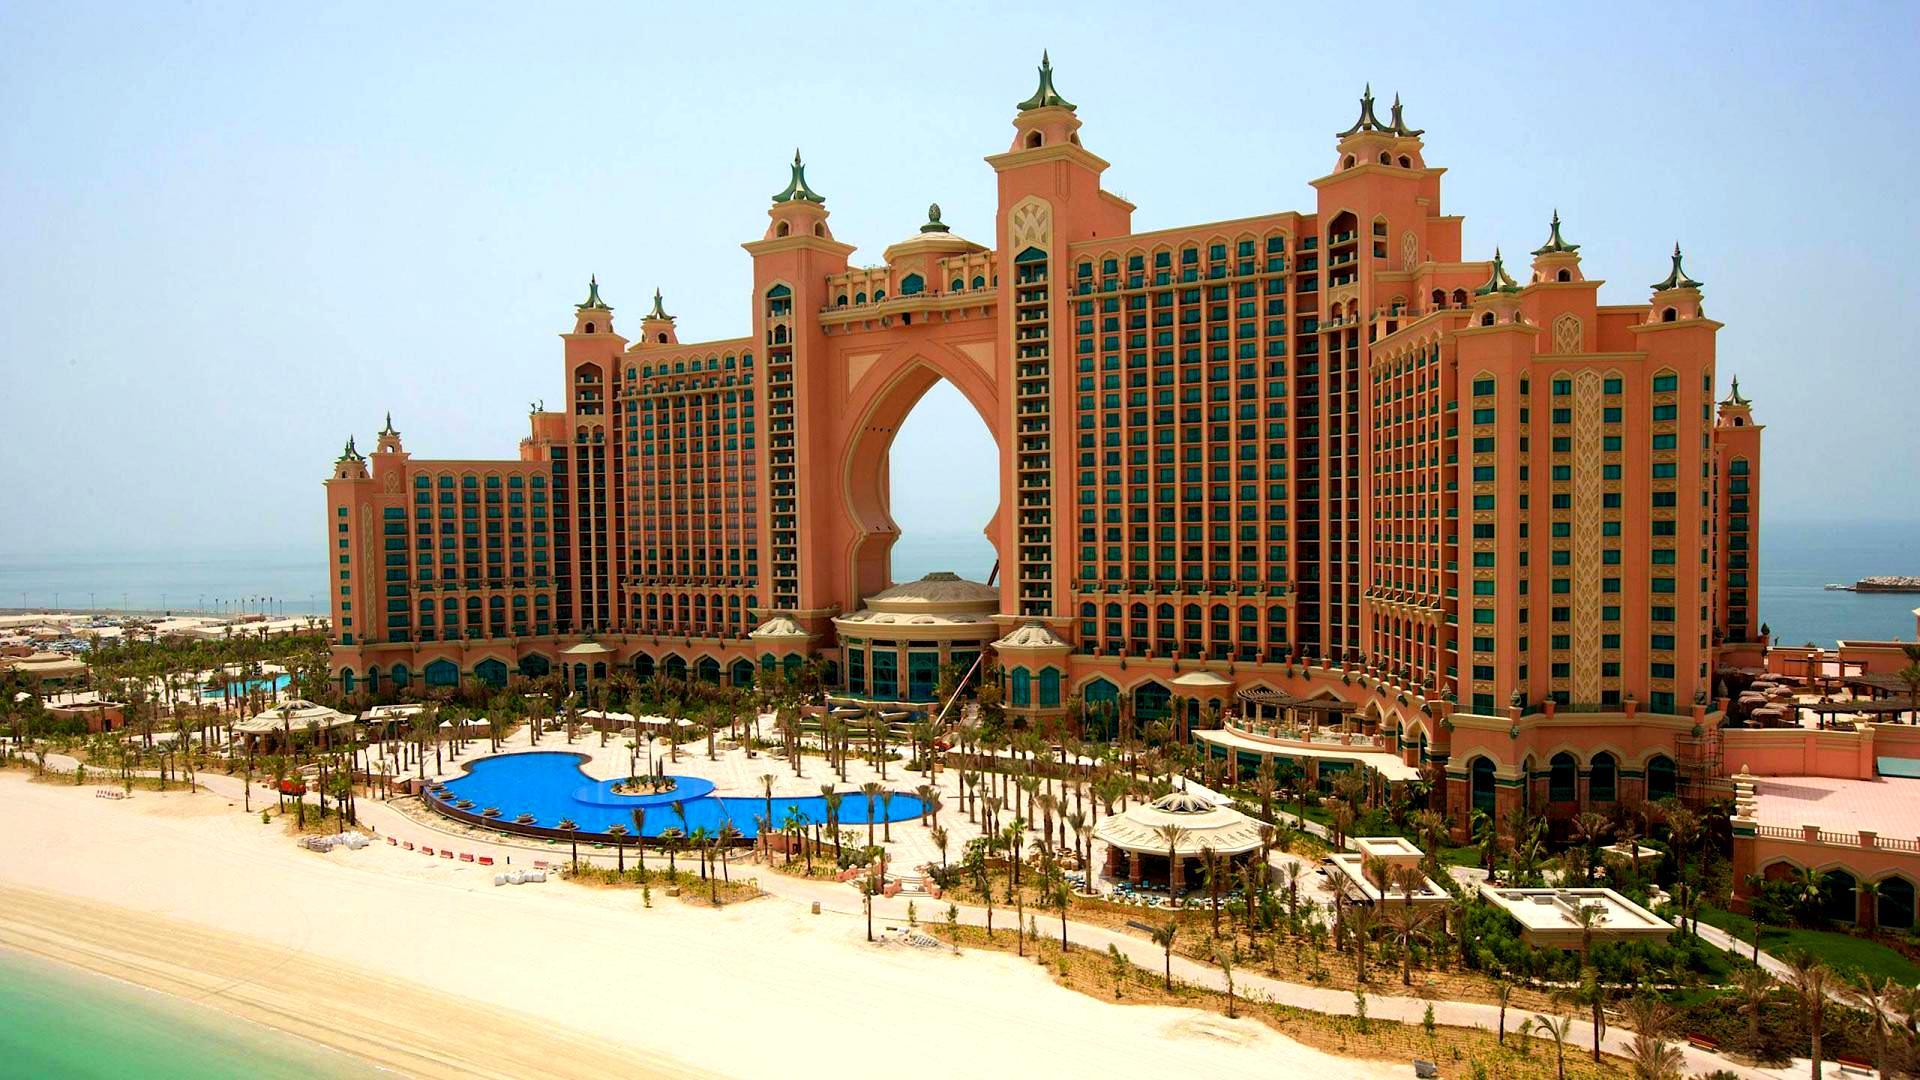 دليل السياحة في دبي العرب المسافرون متجدد بإستمرار - موسوعة